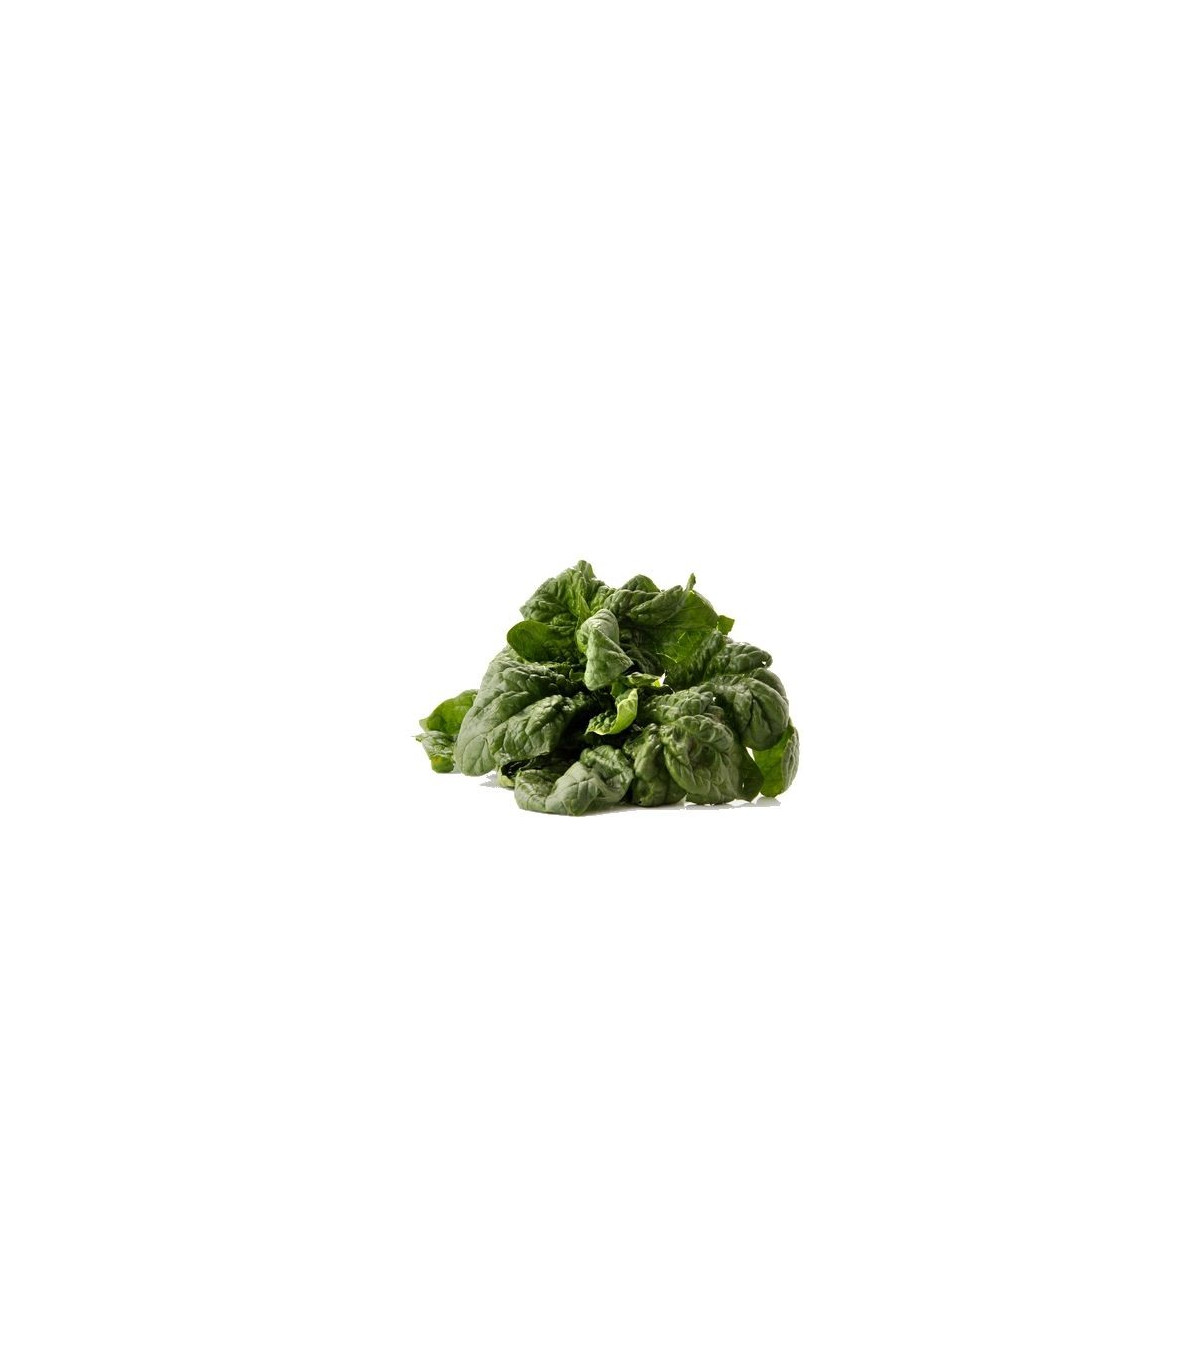 BIO Špenát siaty - Spinacia oleracen L. - semená bio osív - 12 gr